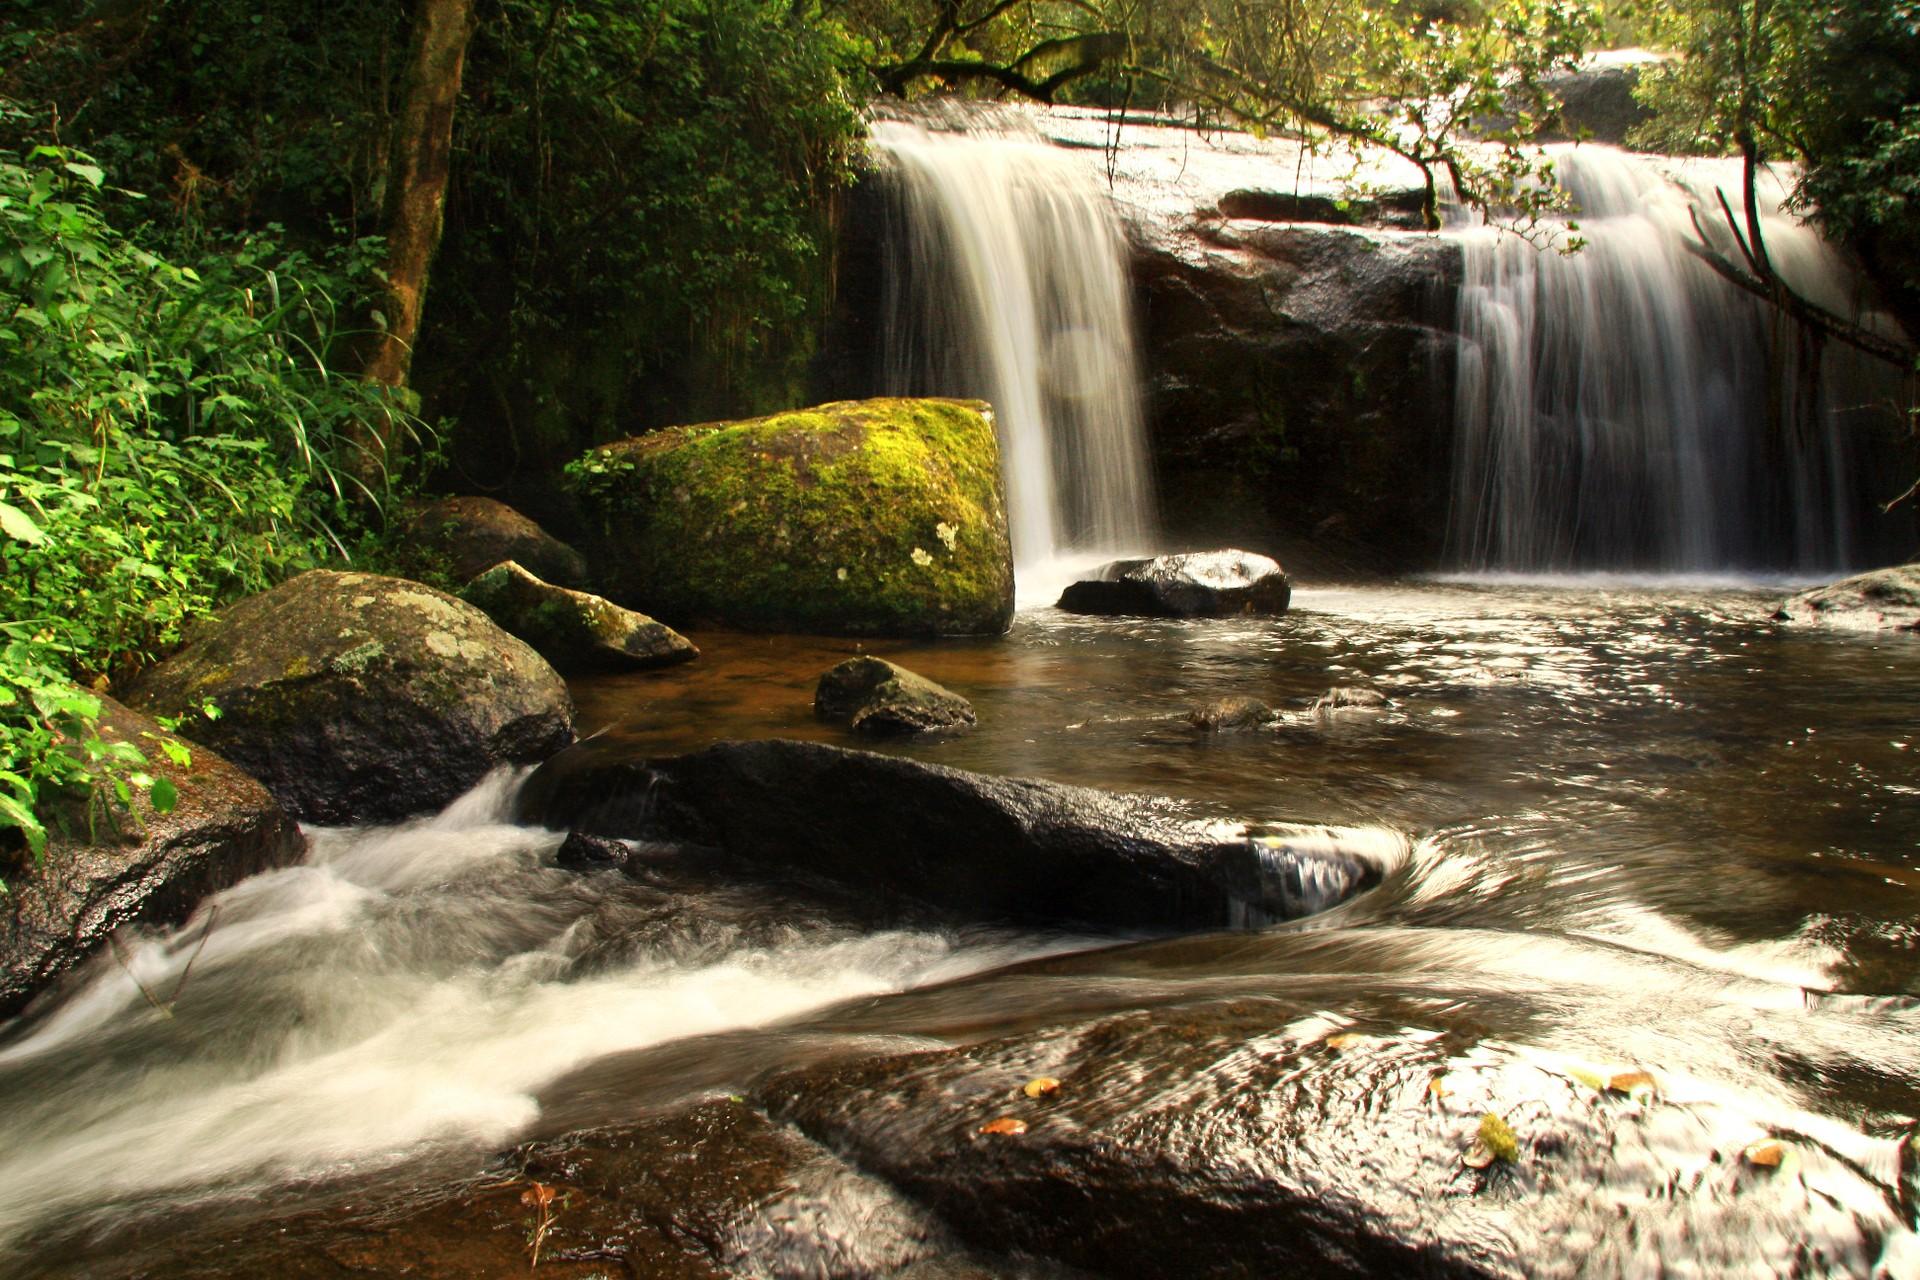 Waterfall on Malawi's Zomba plateau